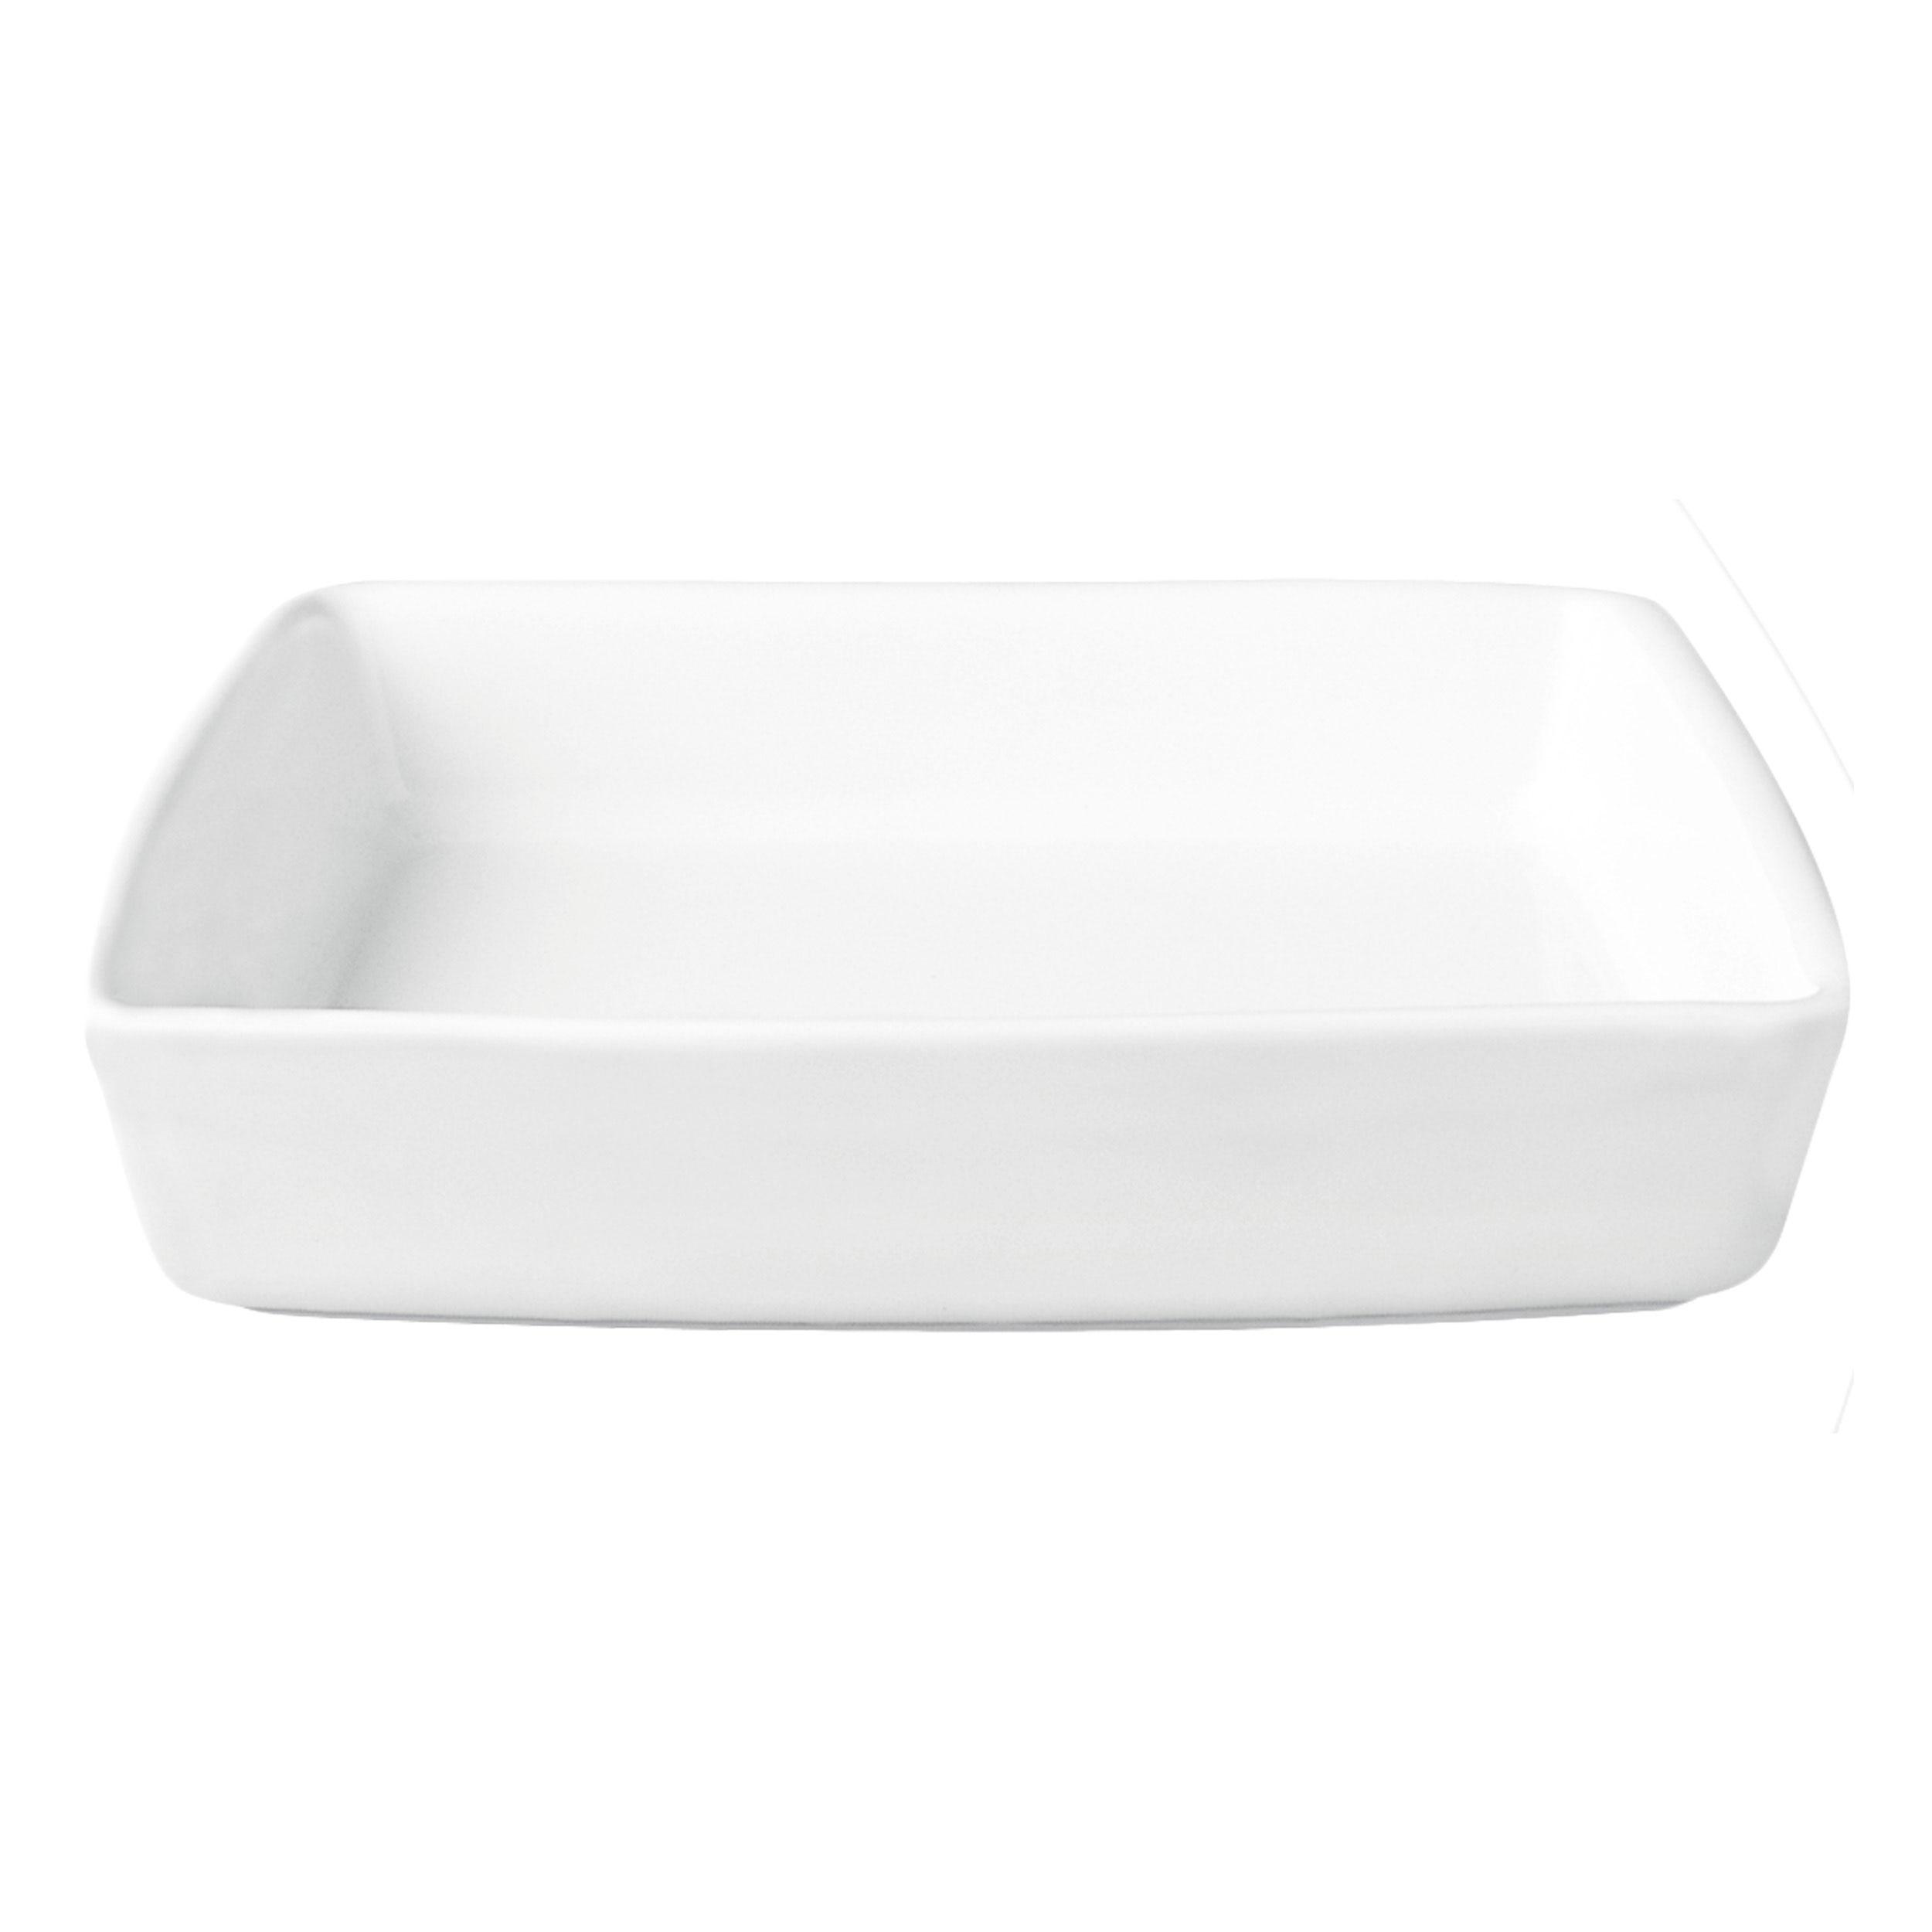 ASA Selection Grande Auflaufform Rechteckig Ofenform Weiß B 18.5 cm 5027147